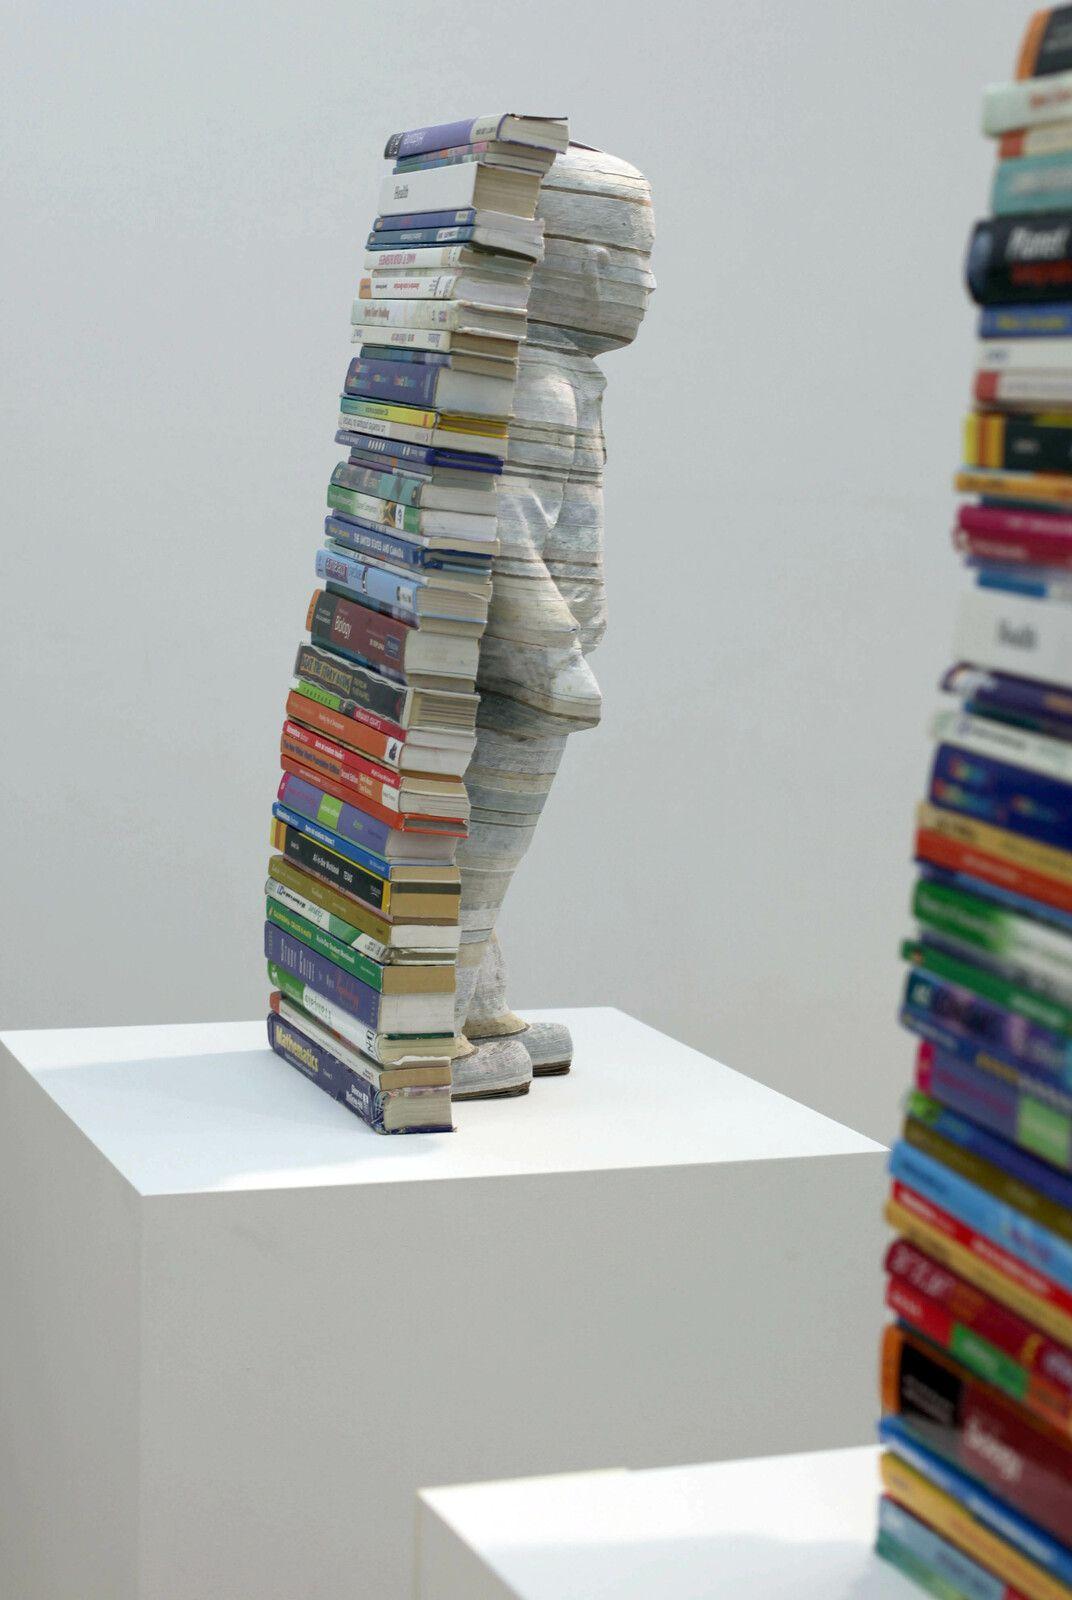 """""""Innocence - Textbook Series (Manuels d'école)"""", 2021 de Li HONGBO - Courtesy de la galerie Danysz Paris © Photo Éric Simon"""